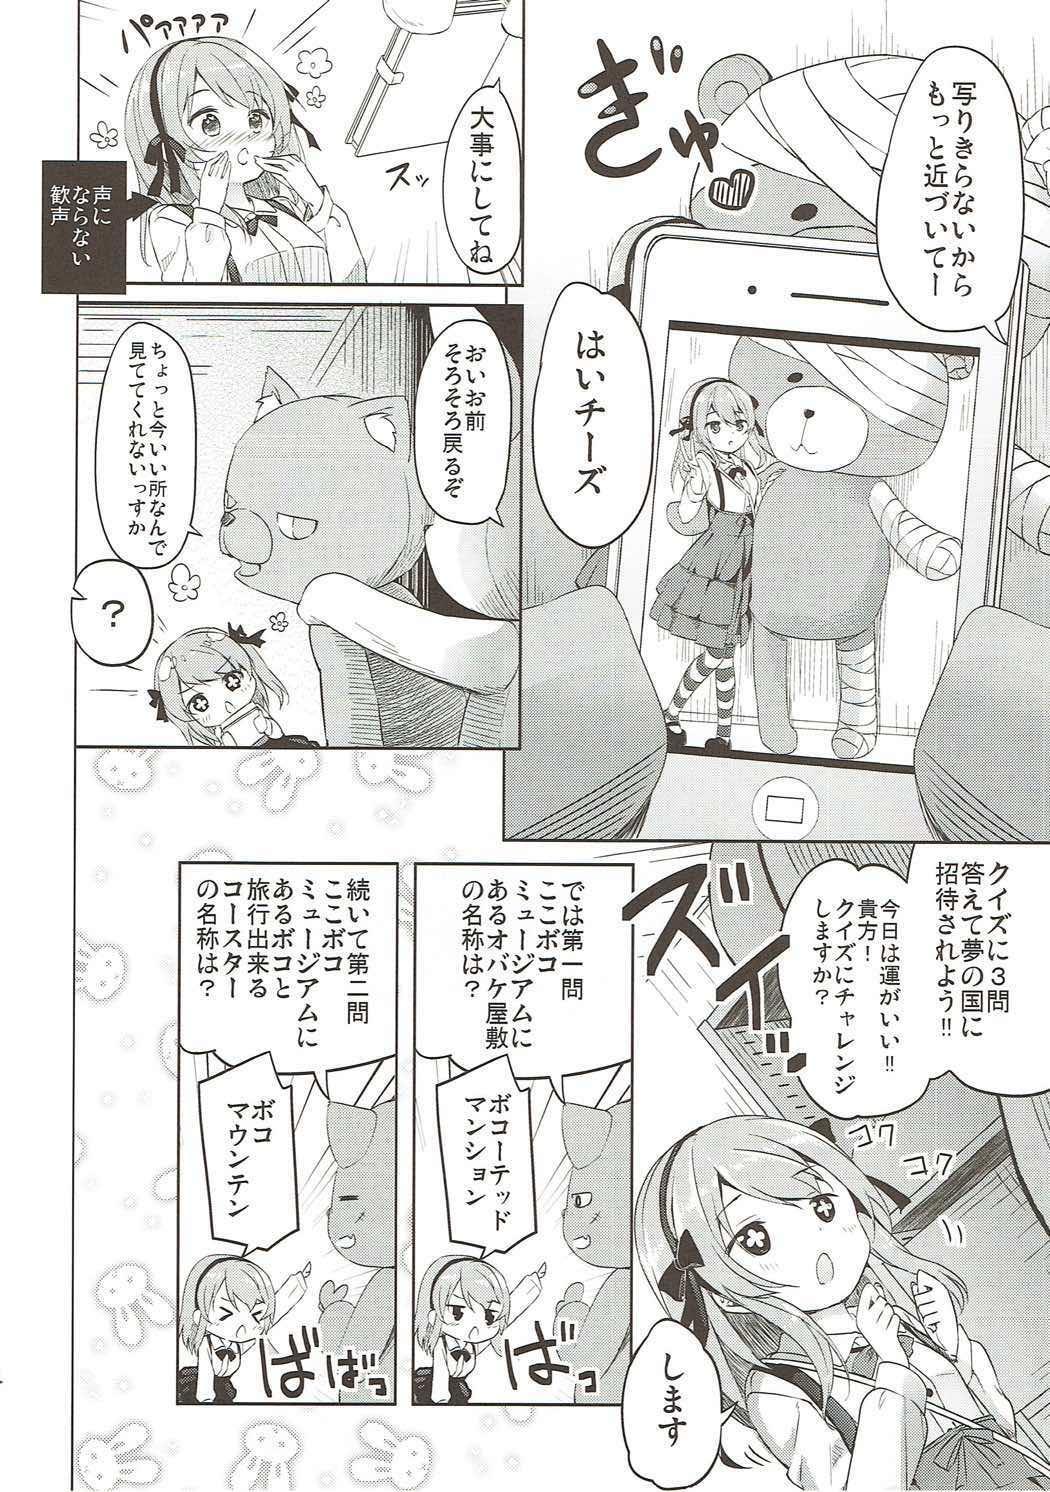 Shimada-ryuu High! Ace Senshadou Soushuuhen 12